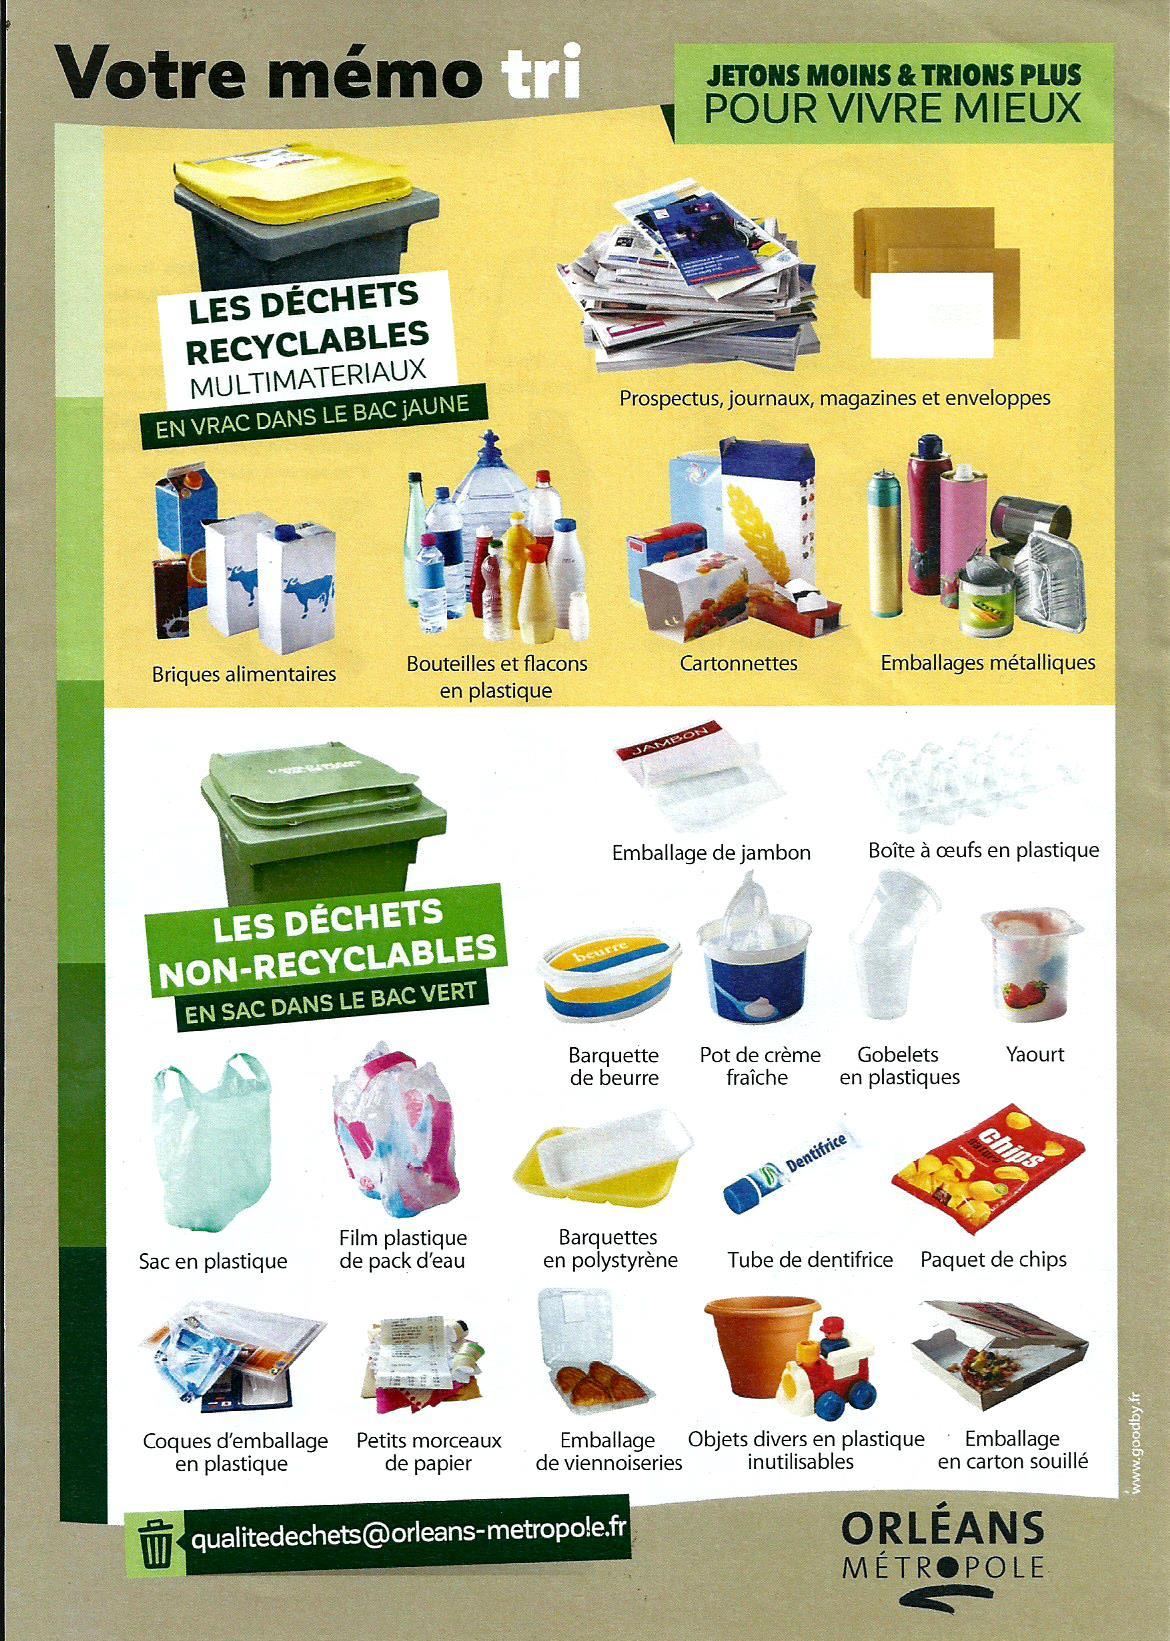 Scan Affiche Orléans Métropole 2018 Jetons Moins & Trions Plus .jpg